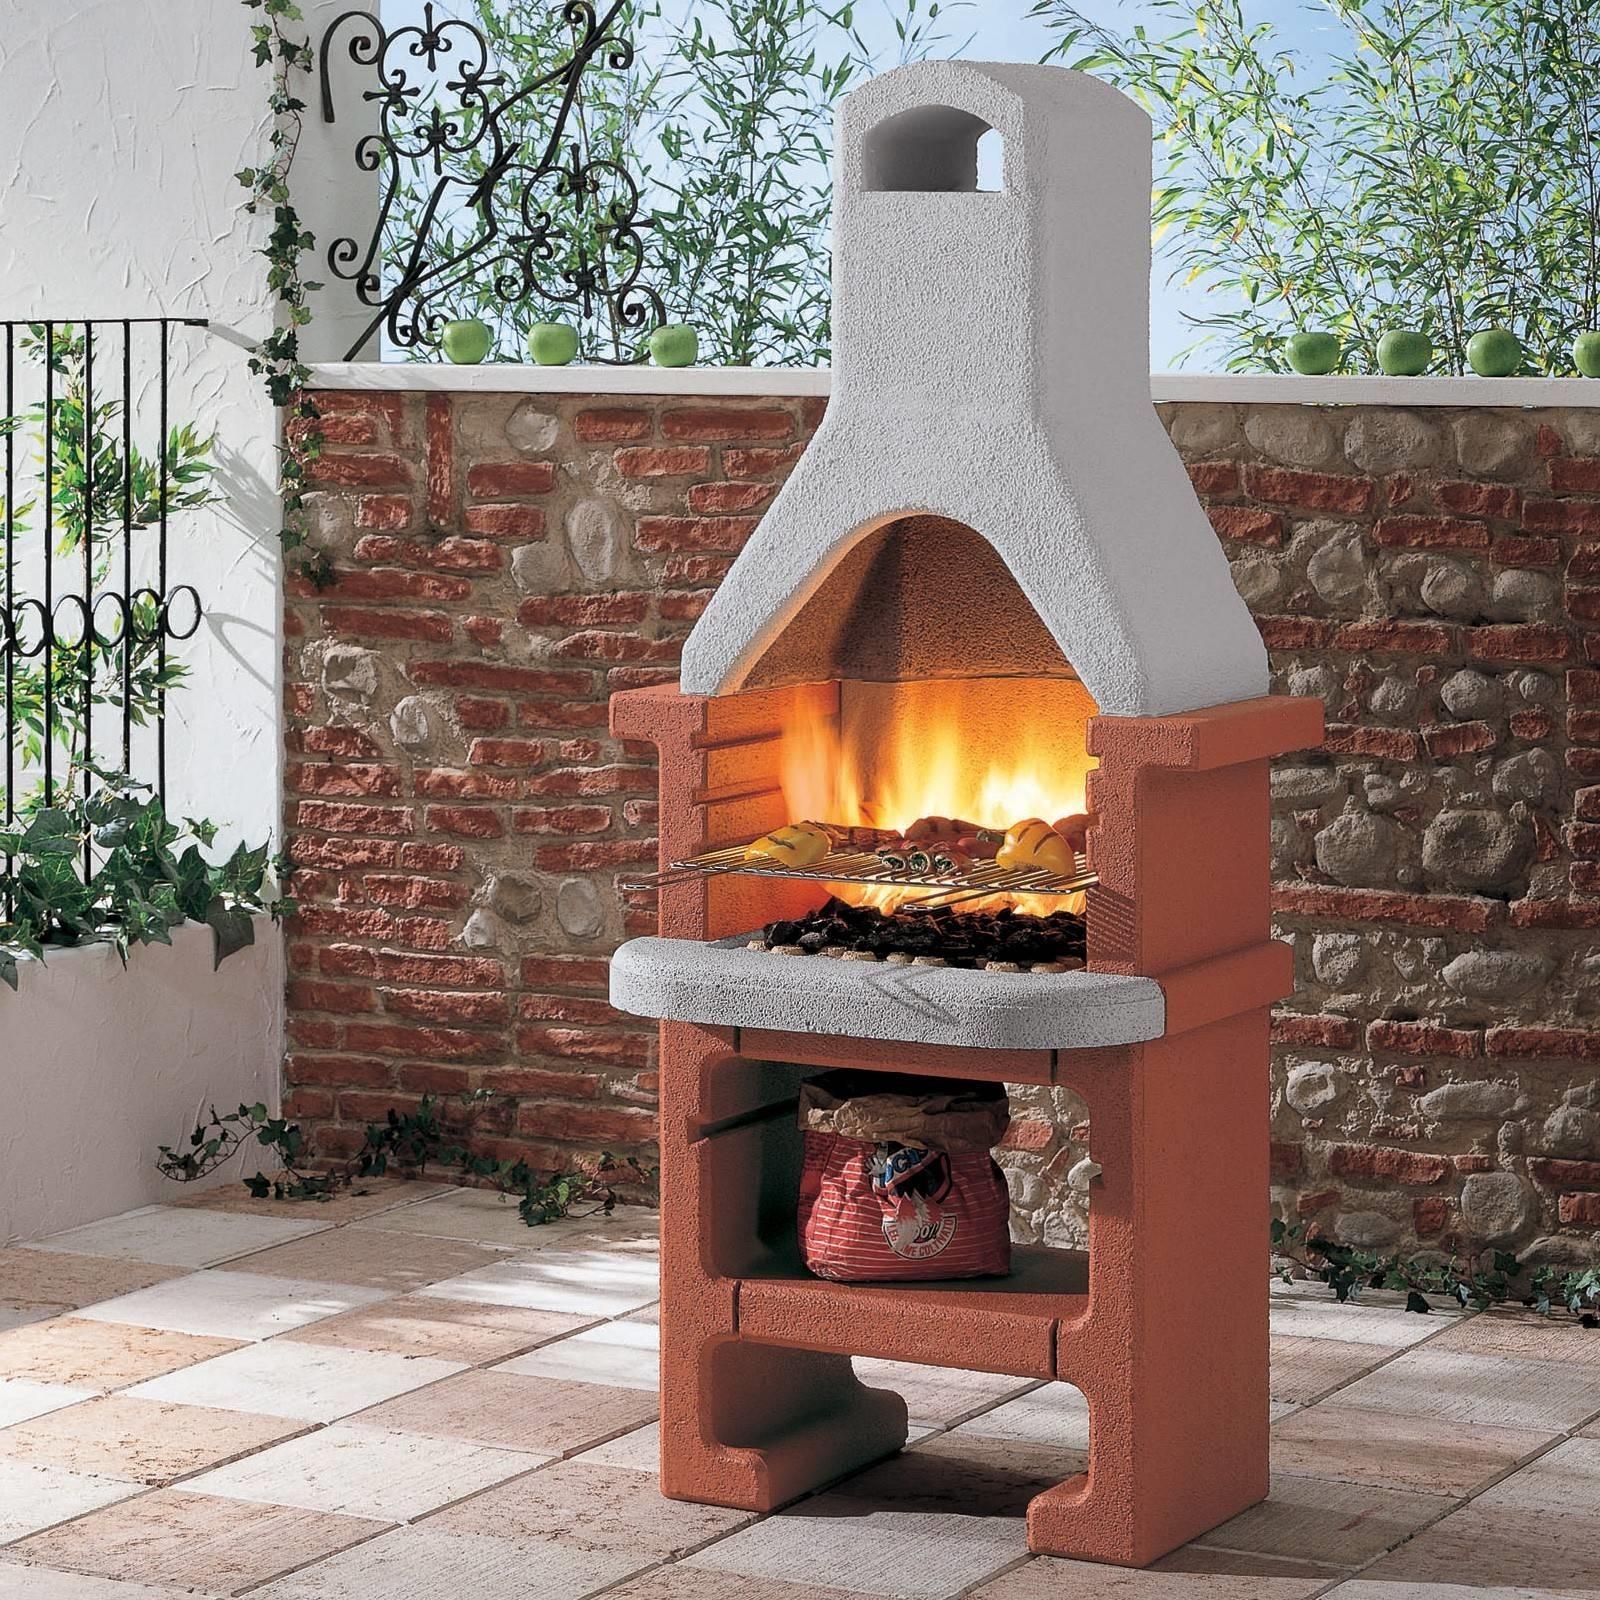 Costruire barbecue in muratura arredamento per giardino - Bbq da giardino ...